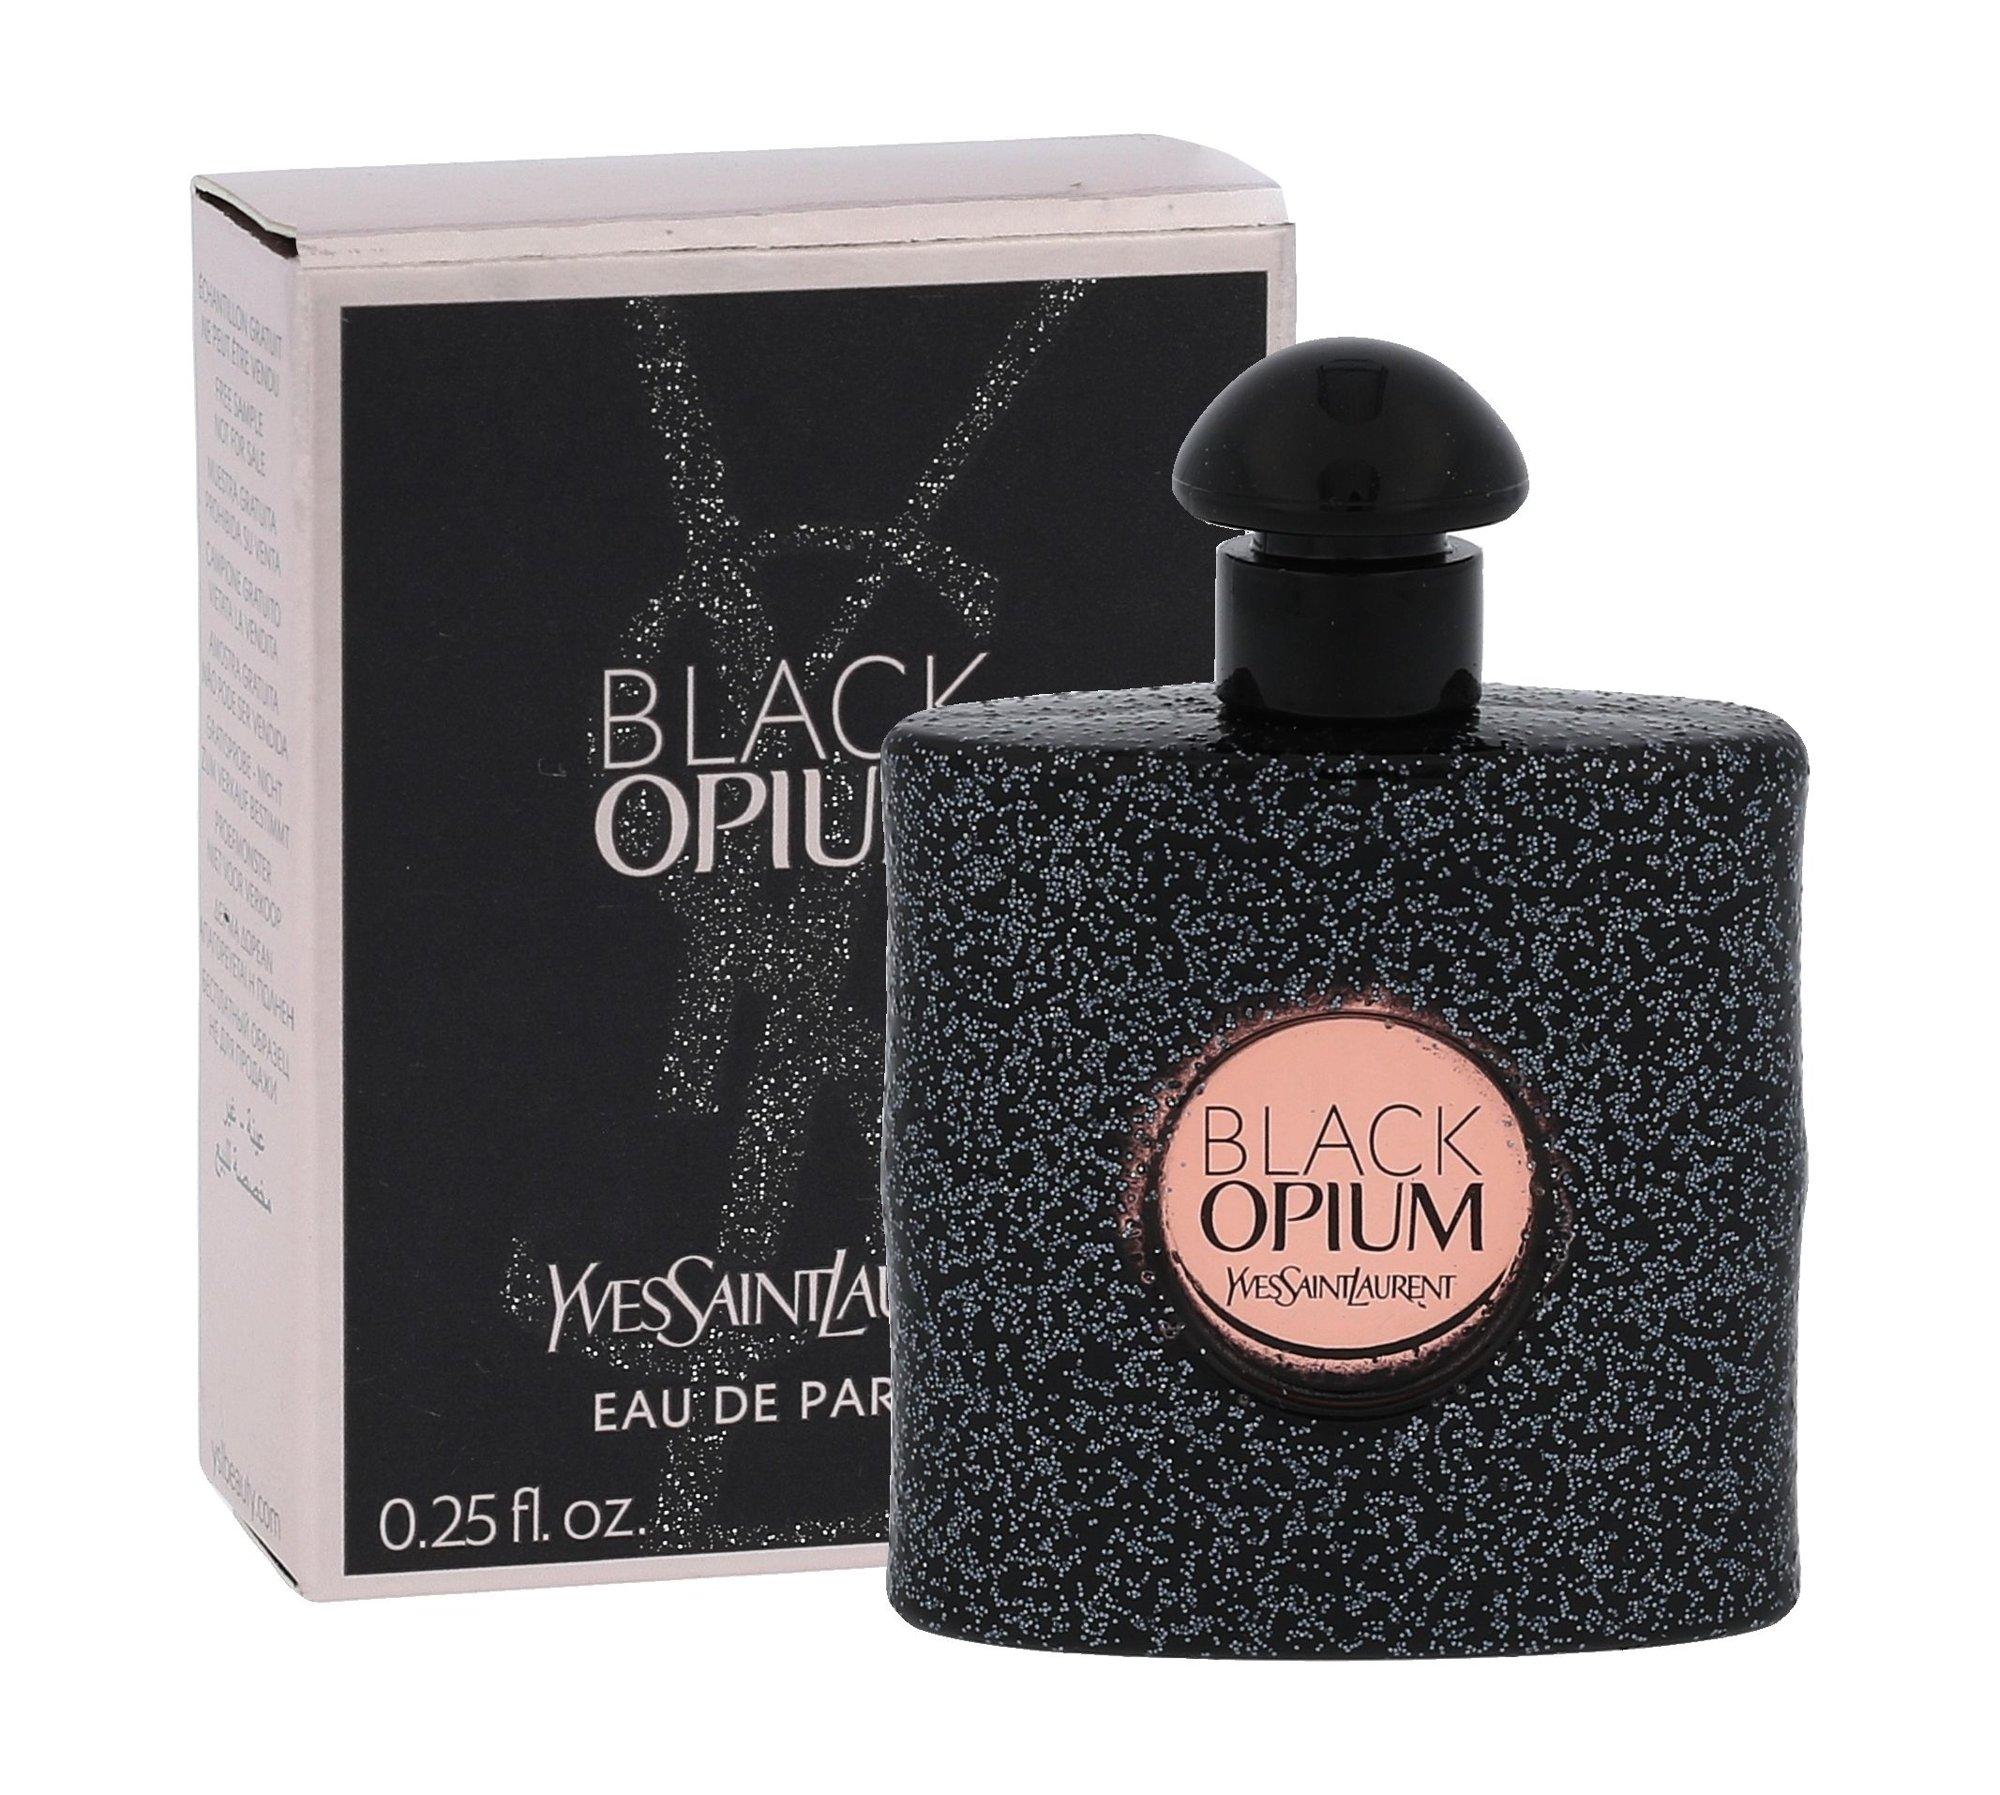 Yves Saint Laurent Black Opium EDP 7,5ml